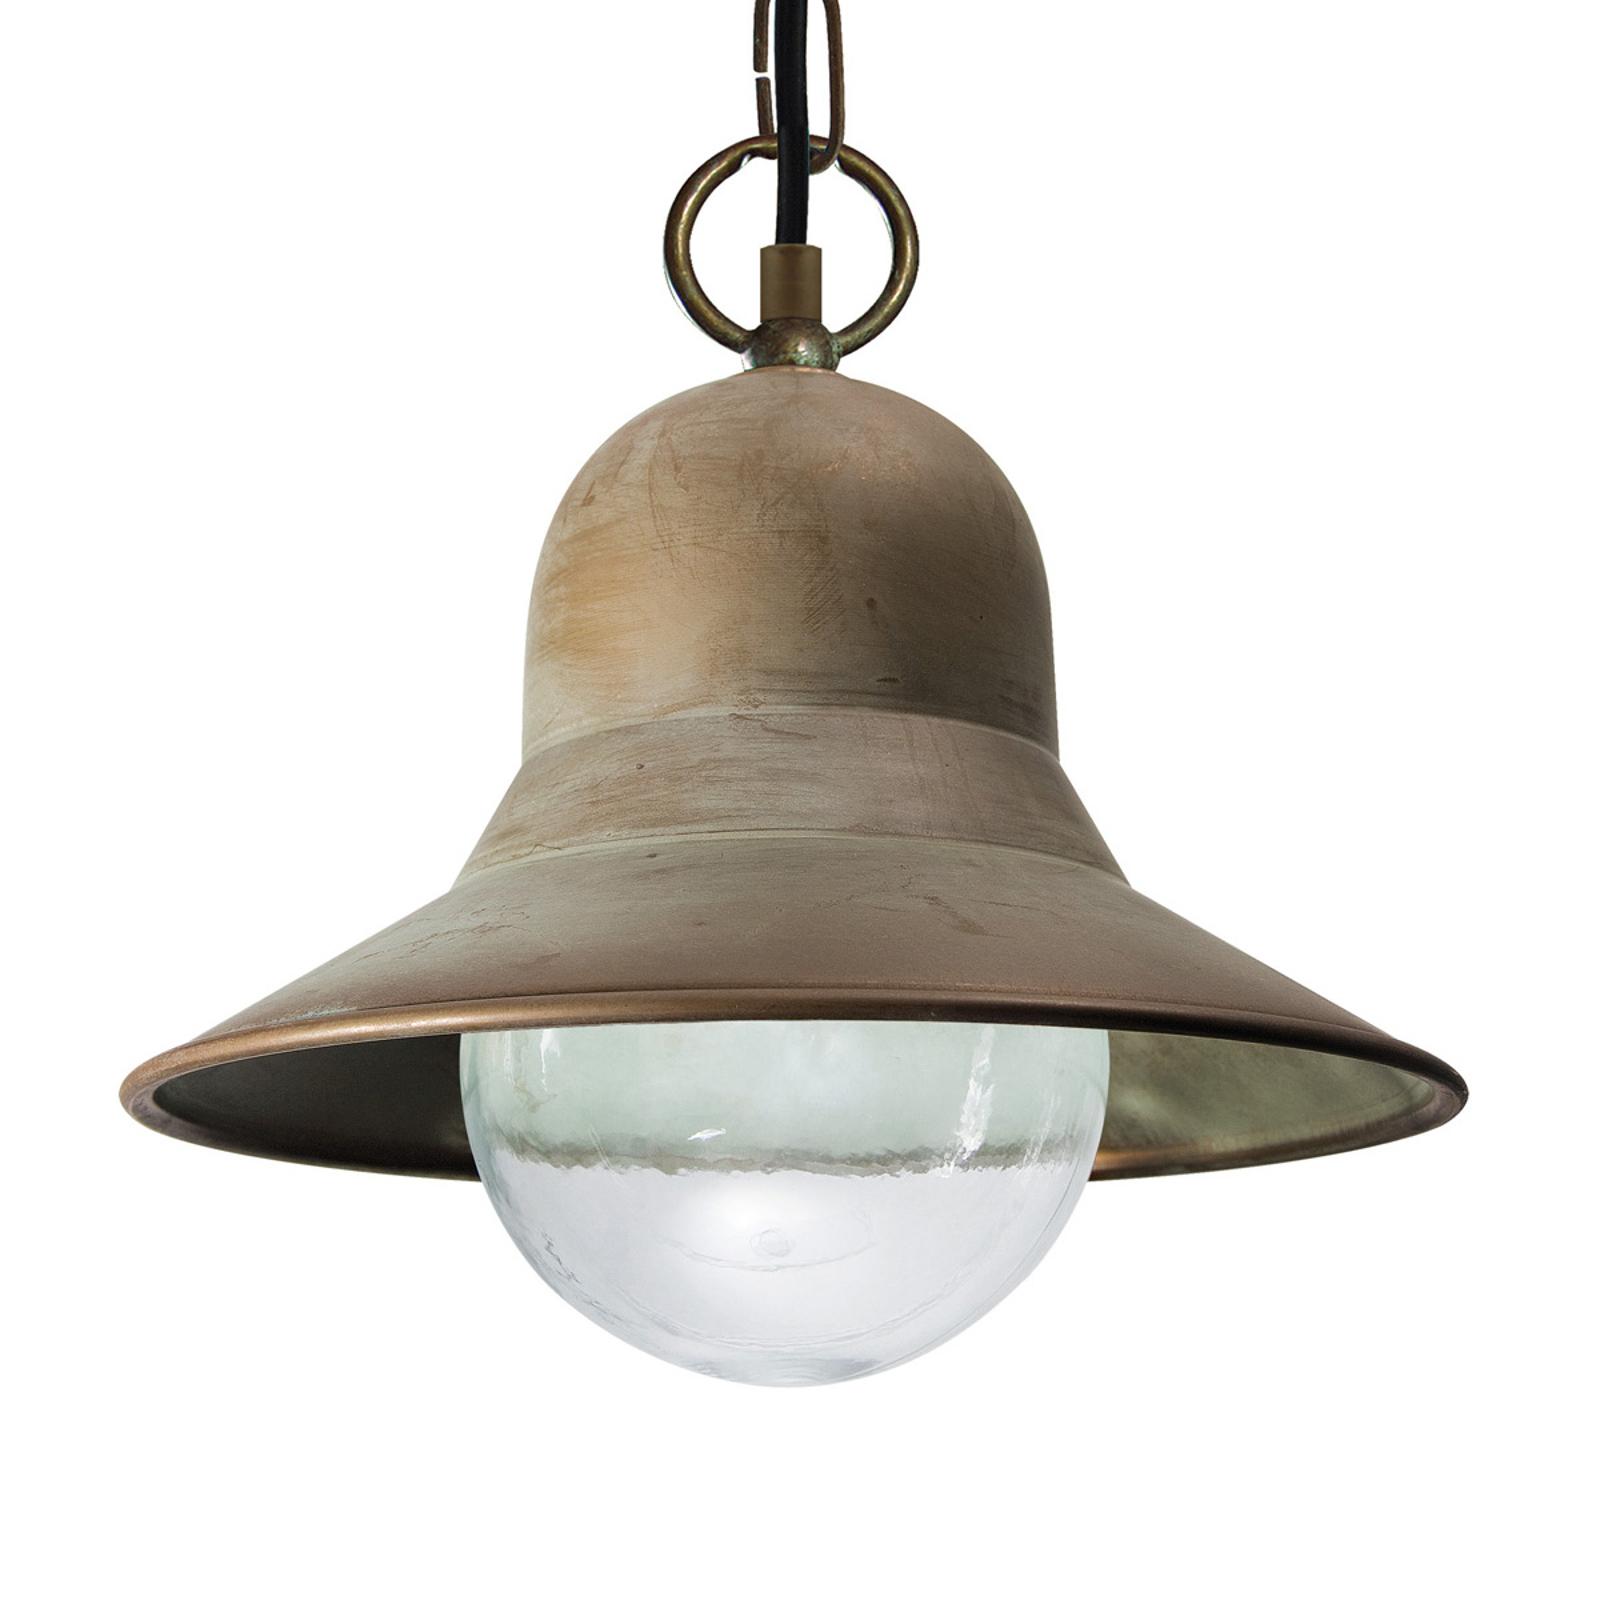 Lampada a sospensione Marquesa per esterni